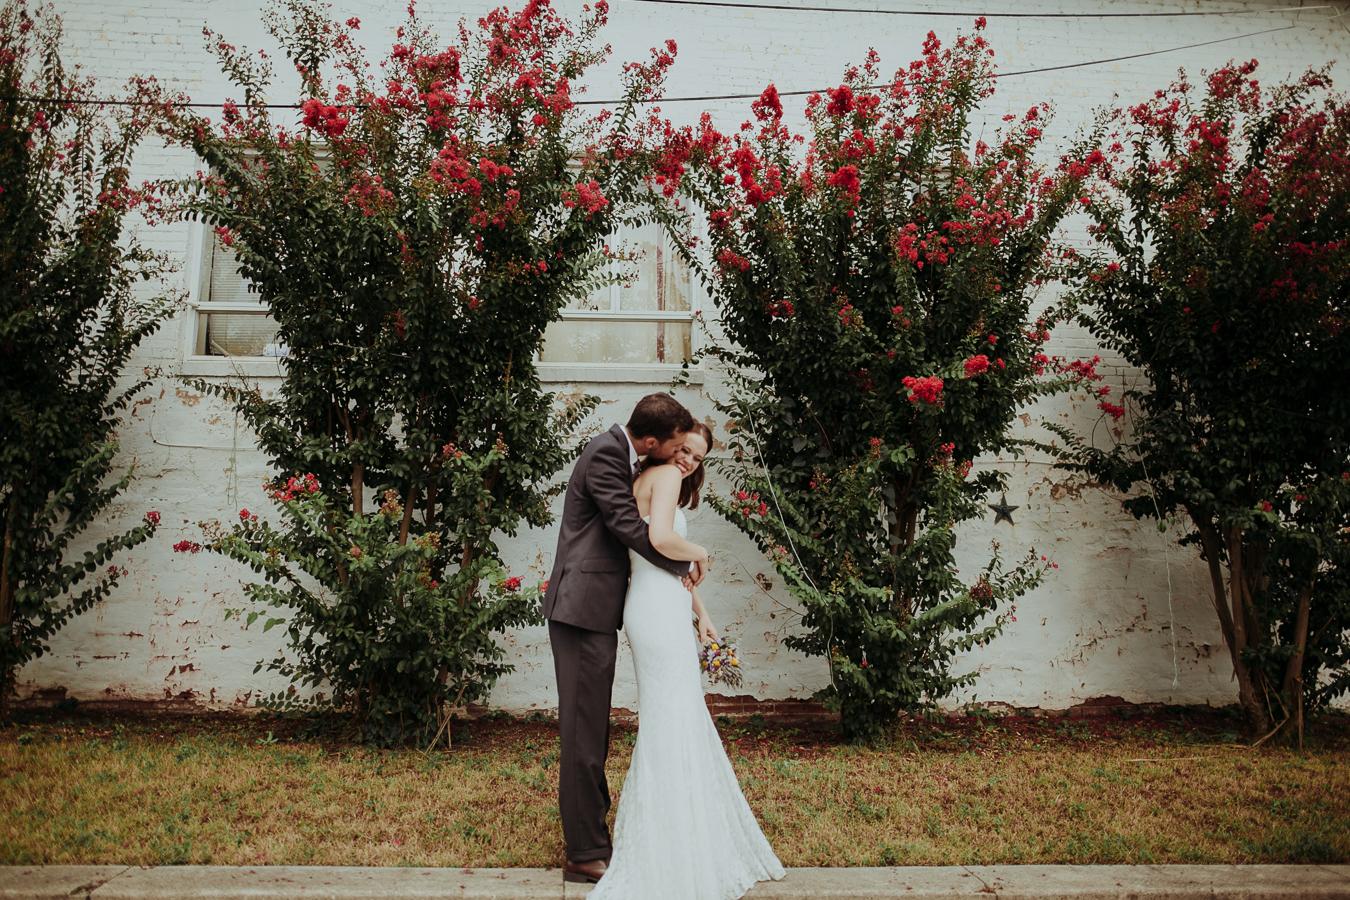 Nashville Wedding Photograpger - Photography Anthology-84.jpg